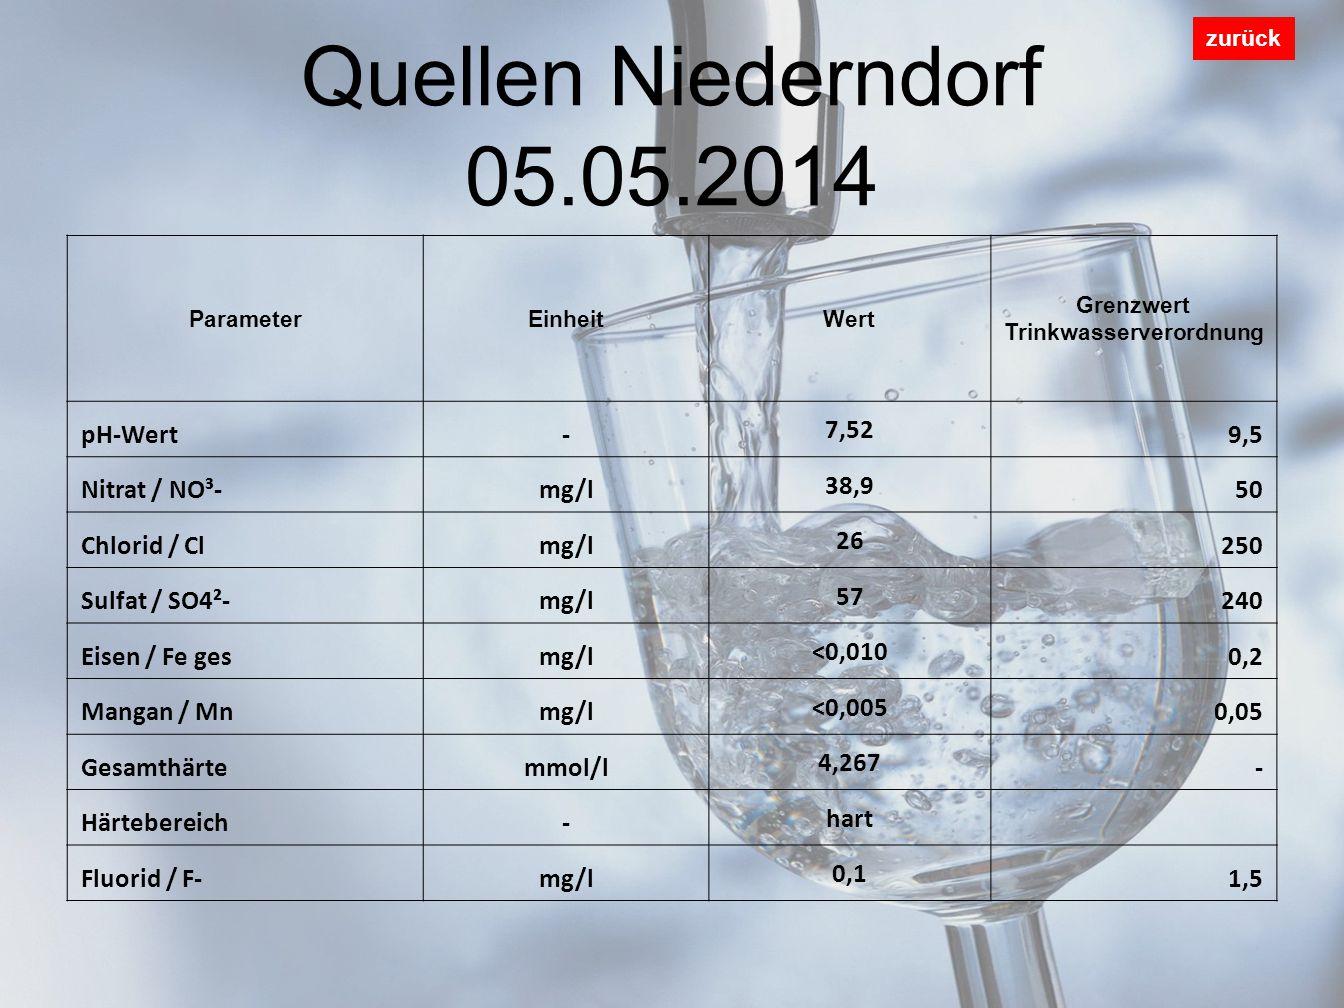 Quellen Niederndorf 05.05.2014 zurück ParameterEinheitWert Grenzwert Trinkwasserverordnung pH-Wert- 7,52 9,5 Nitrat / NO³-mg/l 38,9 50 Chlorid / Clmg/